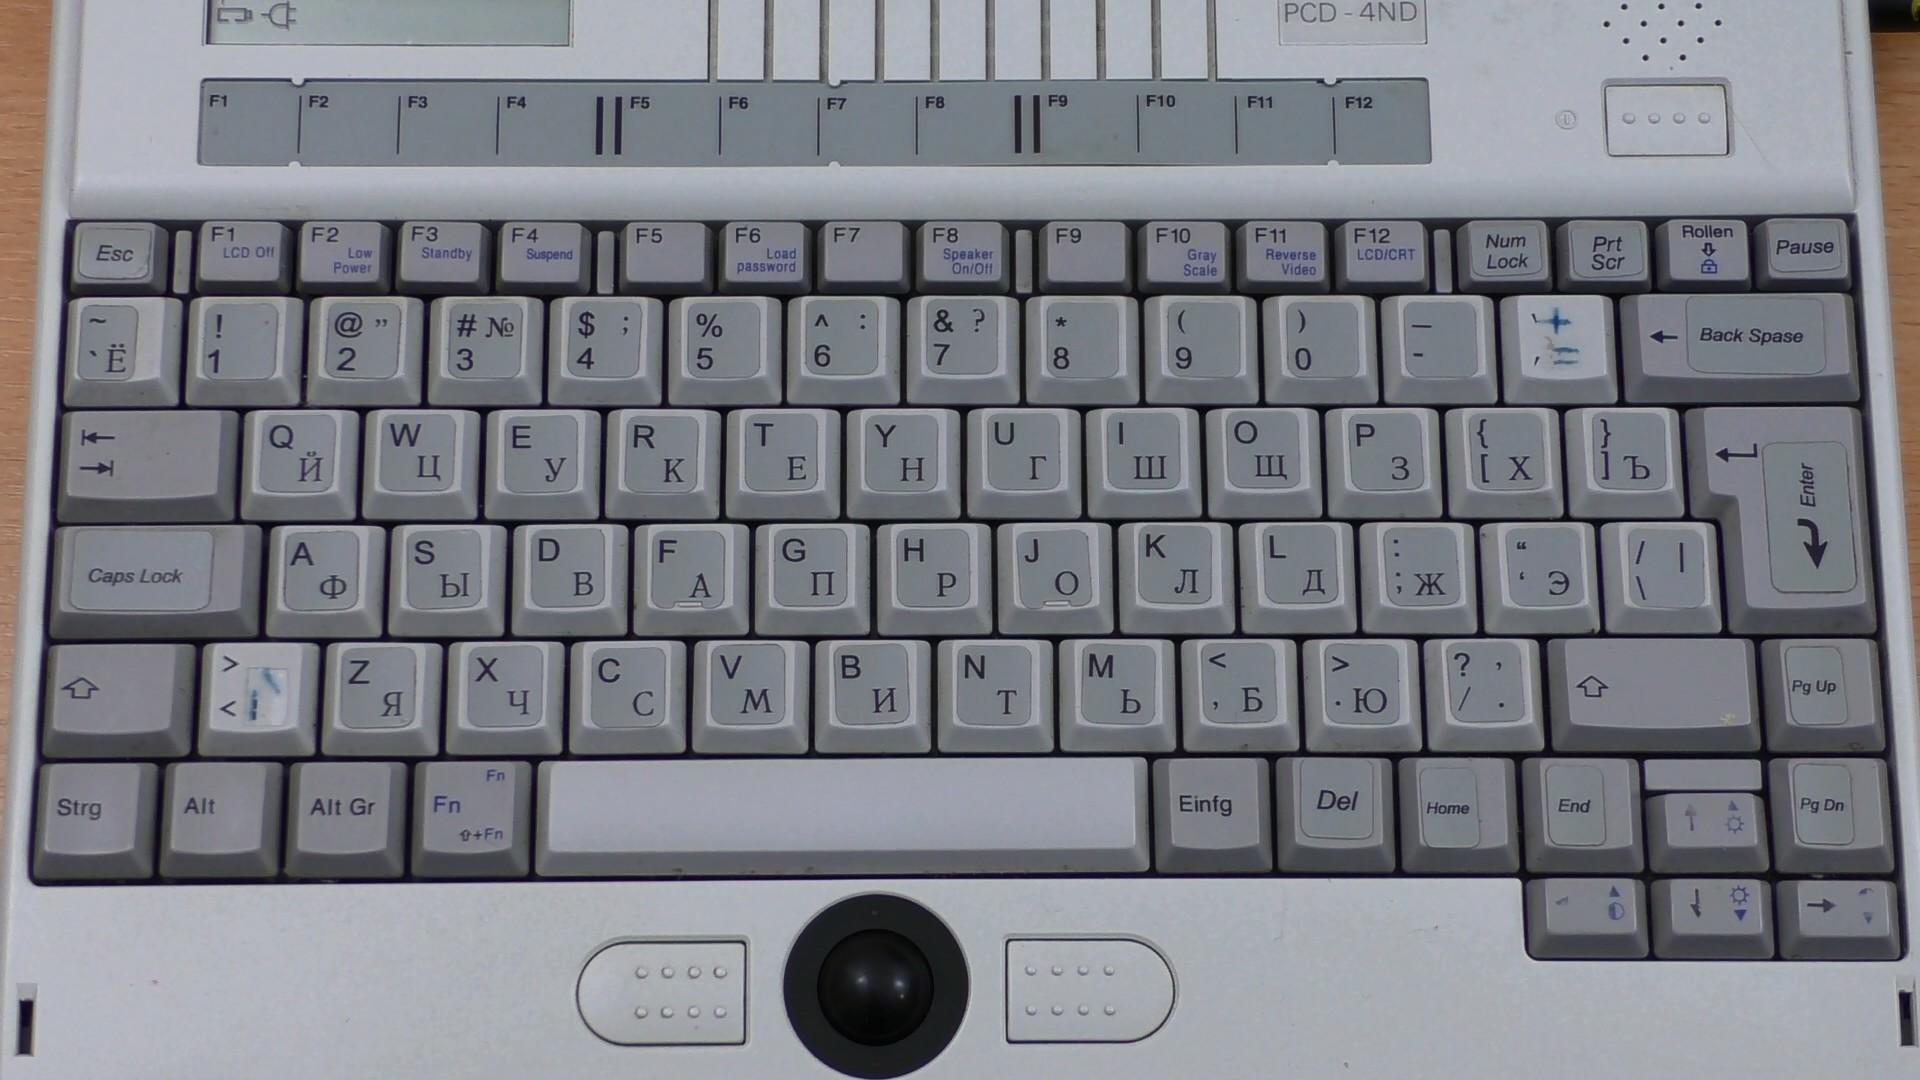 Мощь 80486 на Siemens Nixdorf PCD-4ND (текст и видео — на выбор) - 19